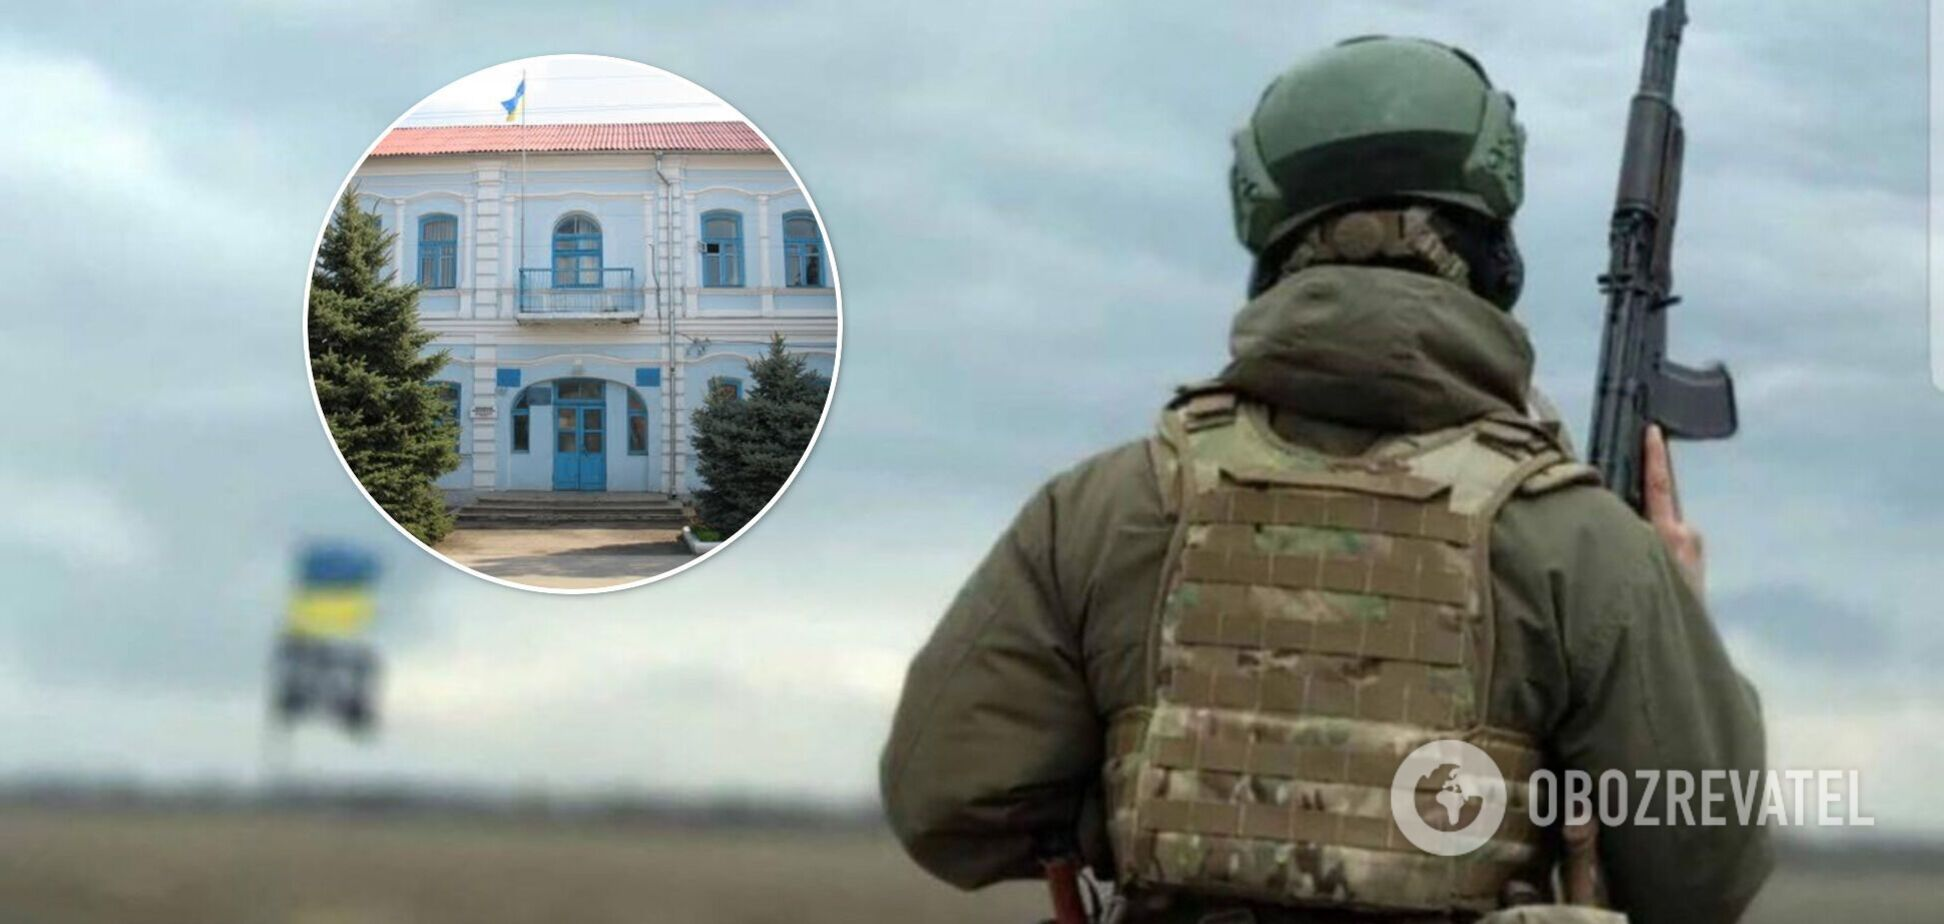 Міськрада Барвінкового вирішила не називати вулицю на честь загиблих воїнів